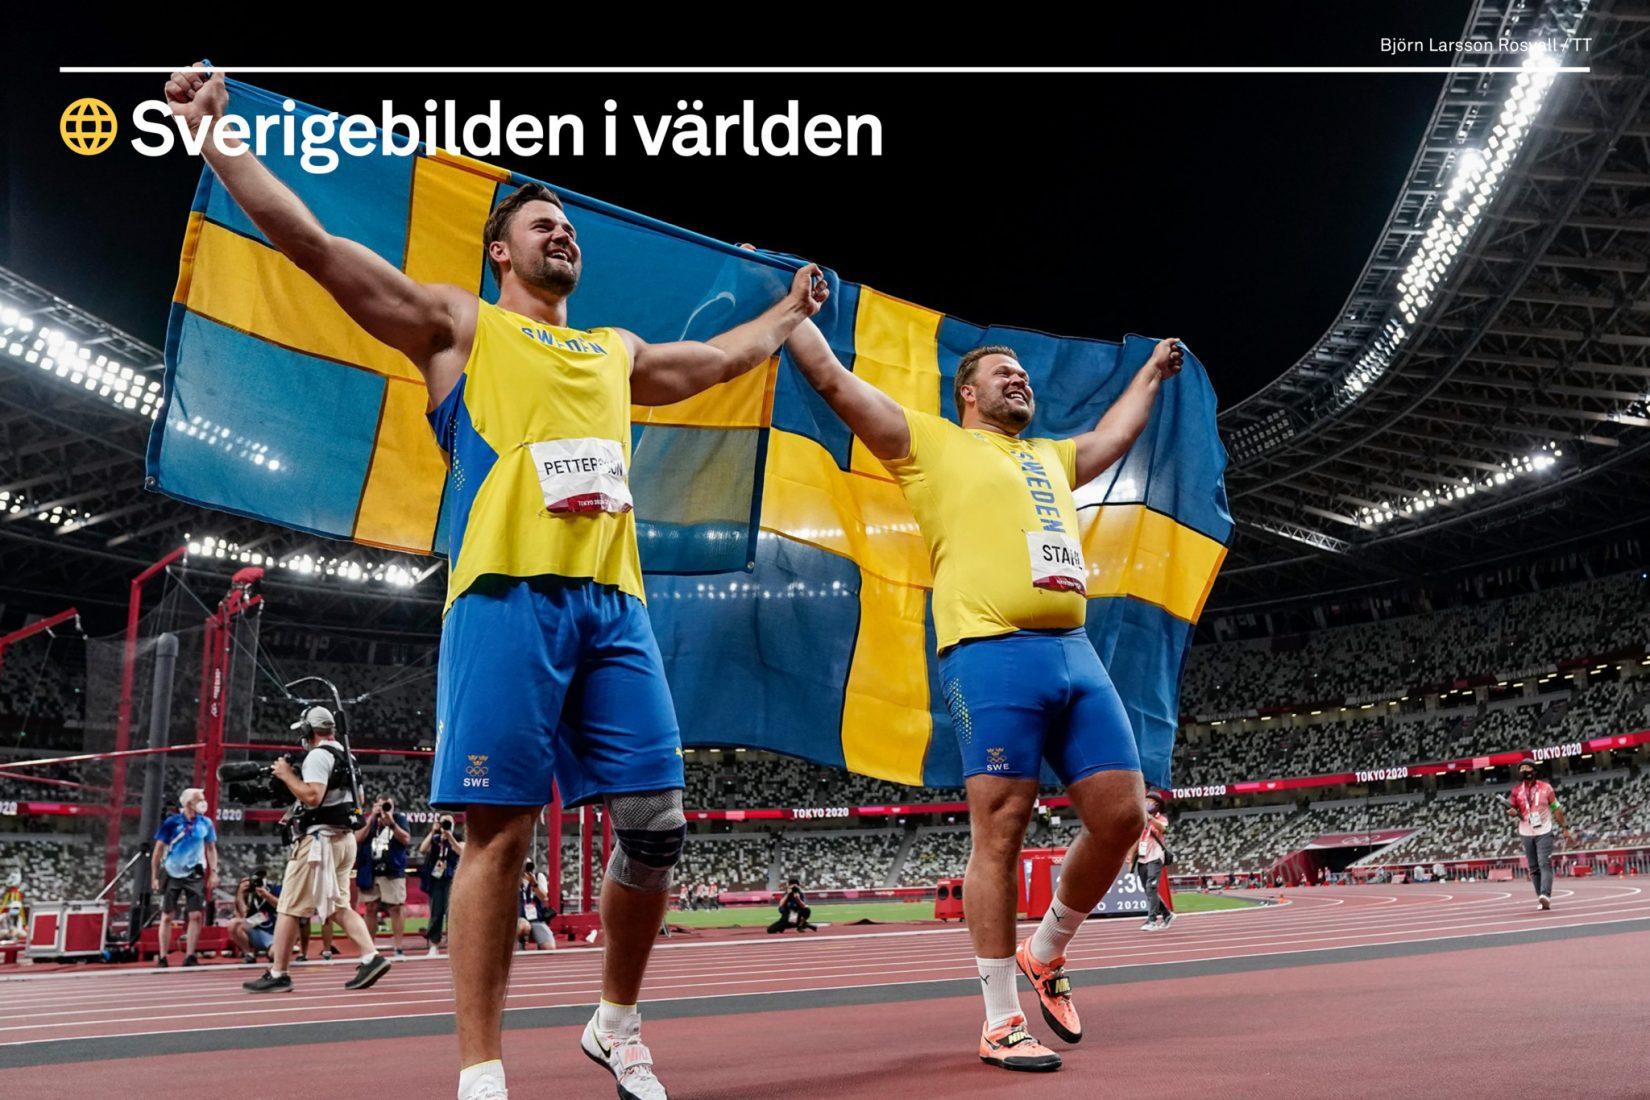 Guld och silvermedaljörer under OS